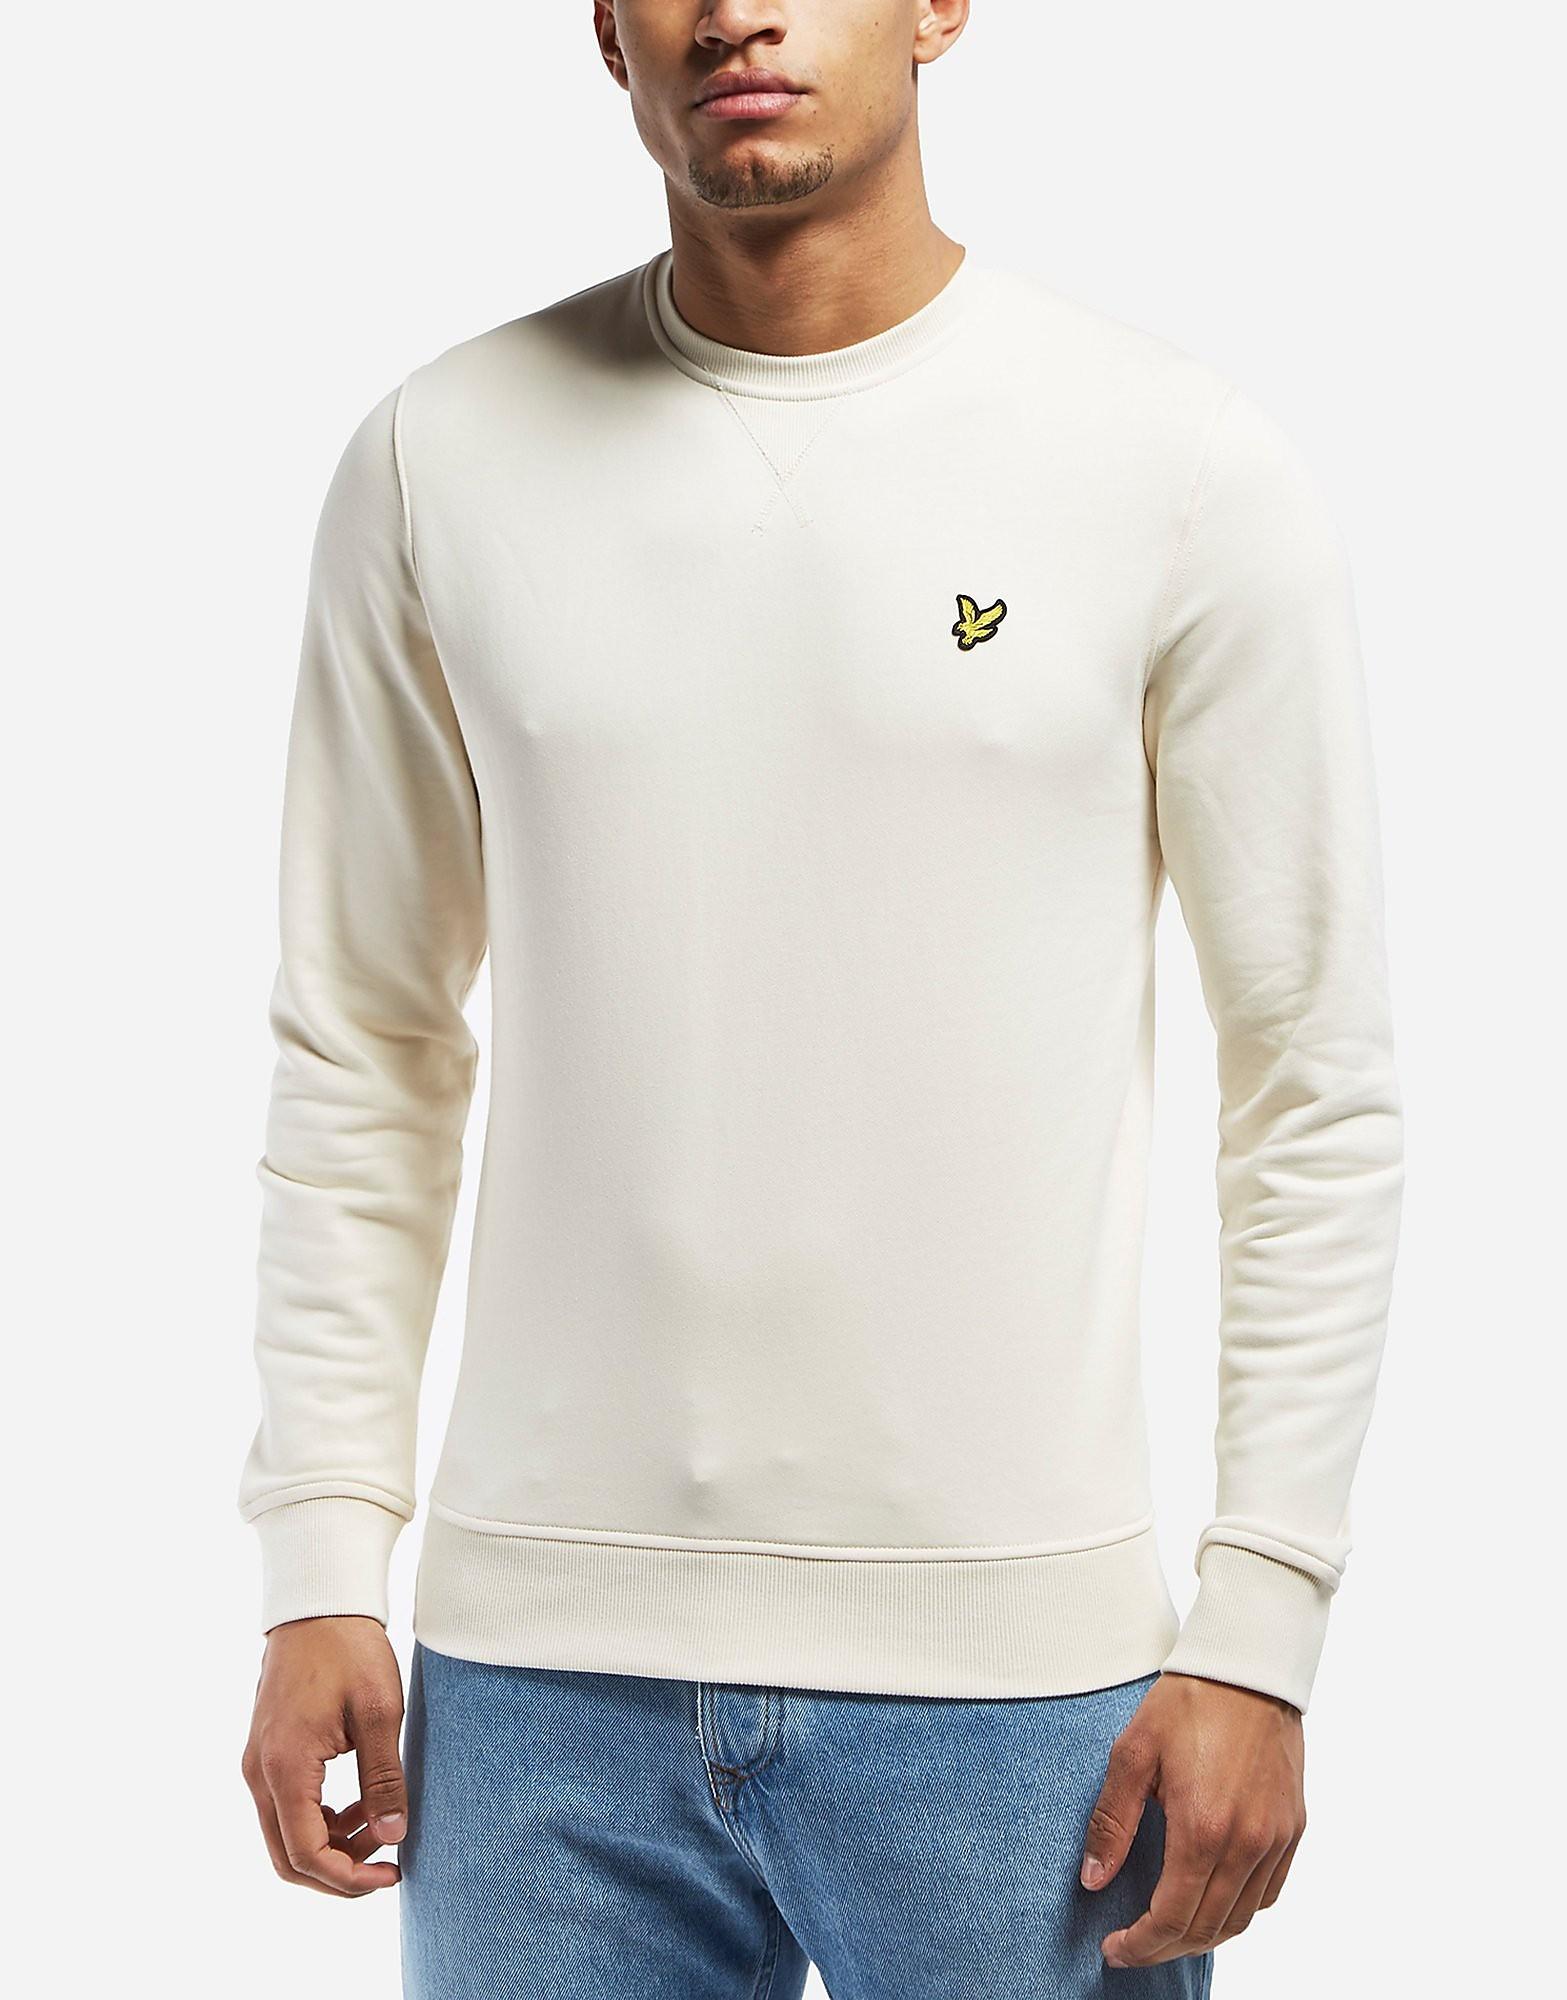 Lyle & Scott Fleece Crew Sweatshirt